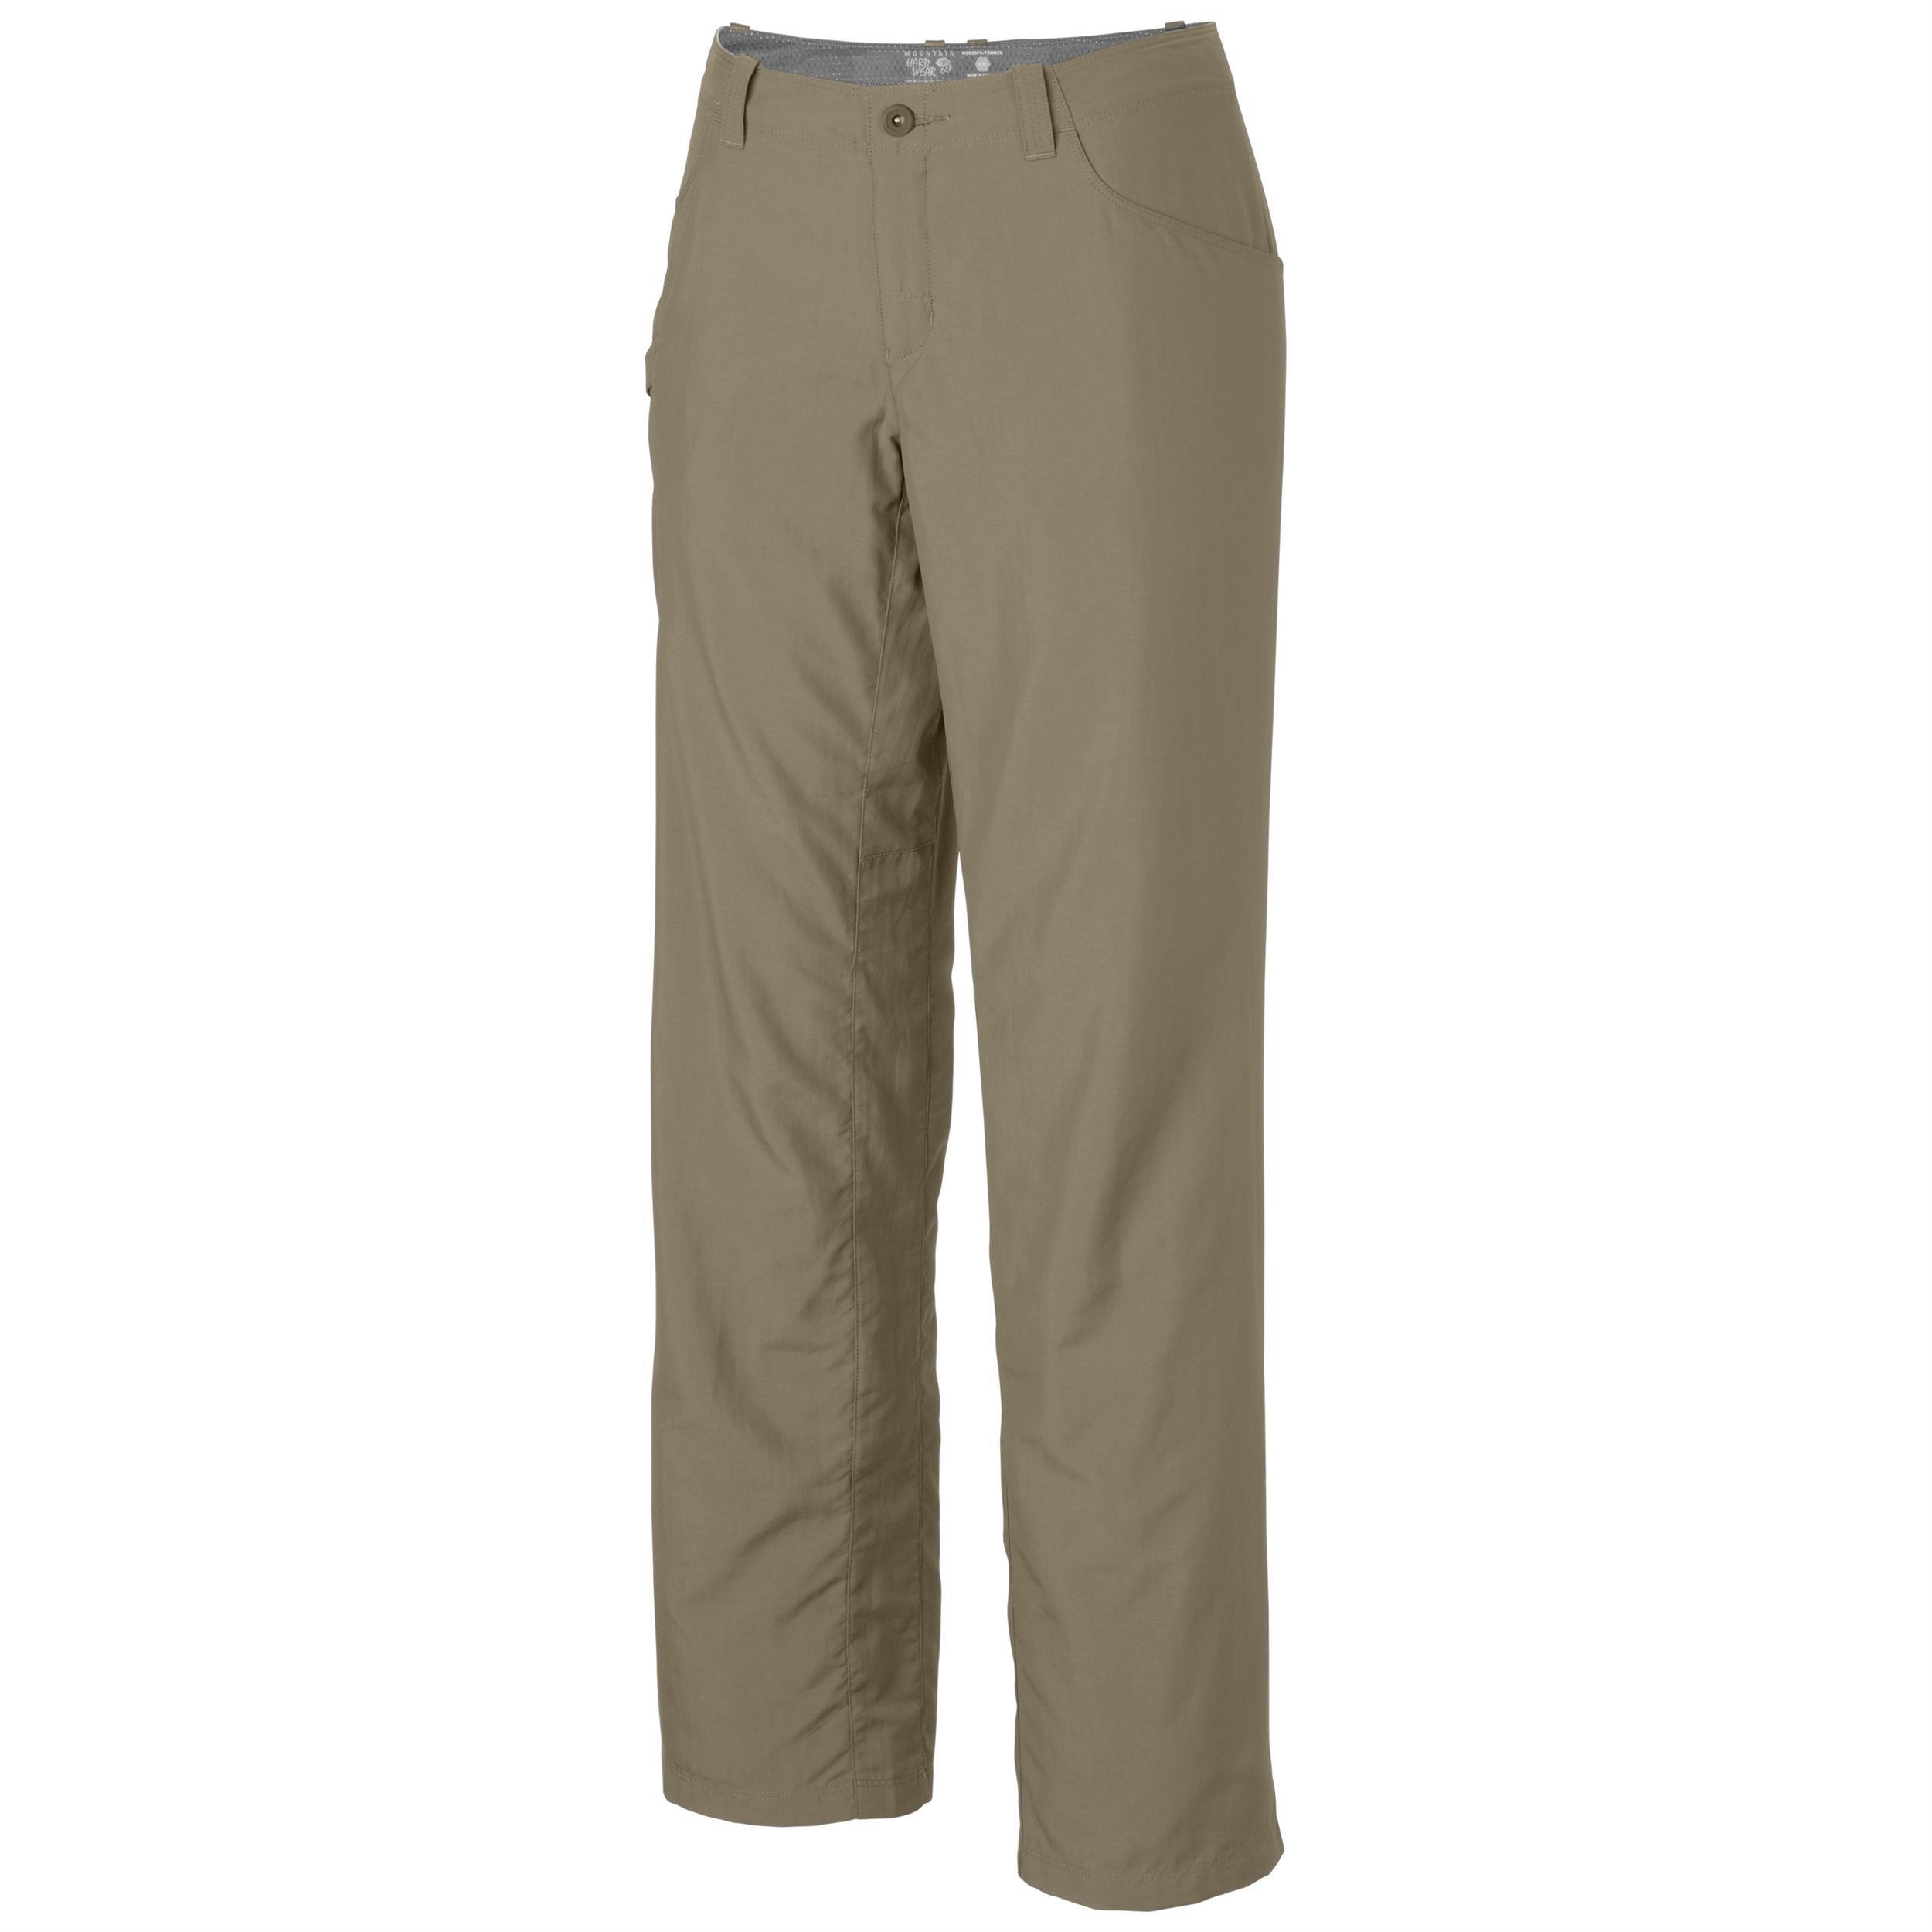 Mountain Hardwear Ramesa Pant V2 - Women's Khaki 2